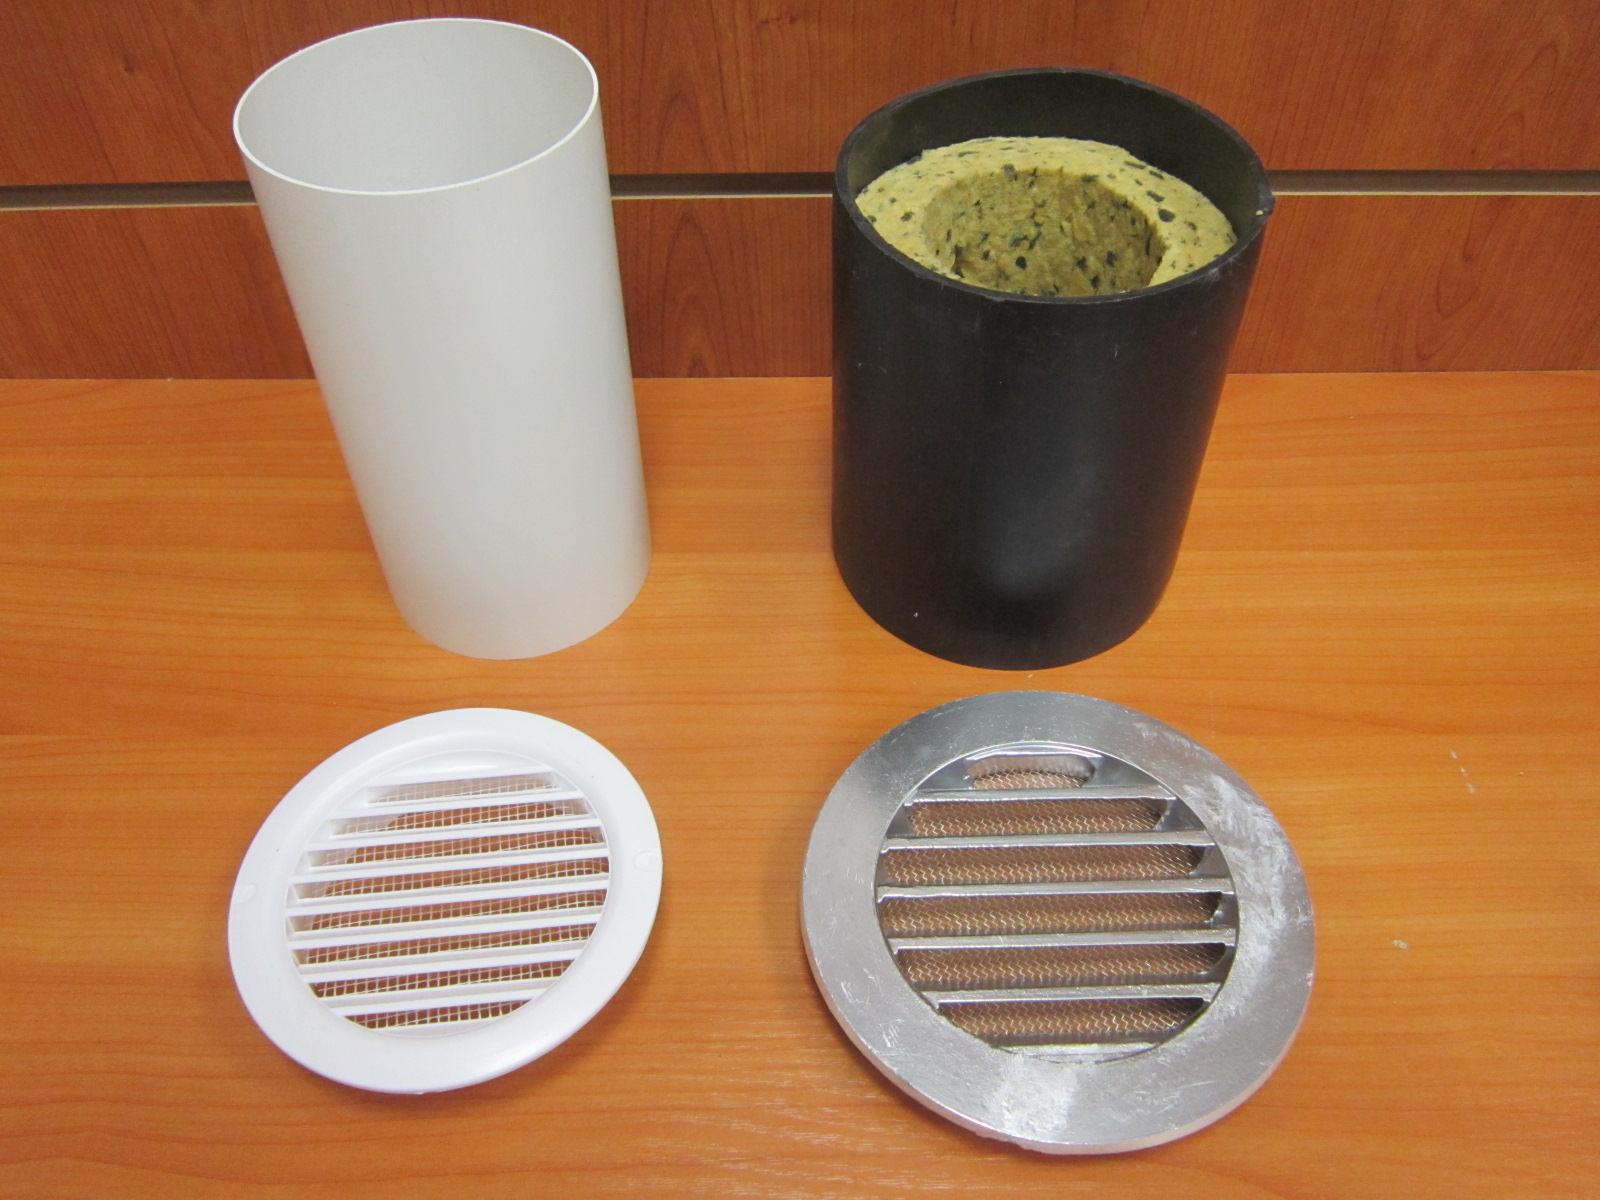 Теплоизоляция обоих клапанов. Слева - ПС-100, справа Кив-Квадро.